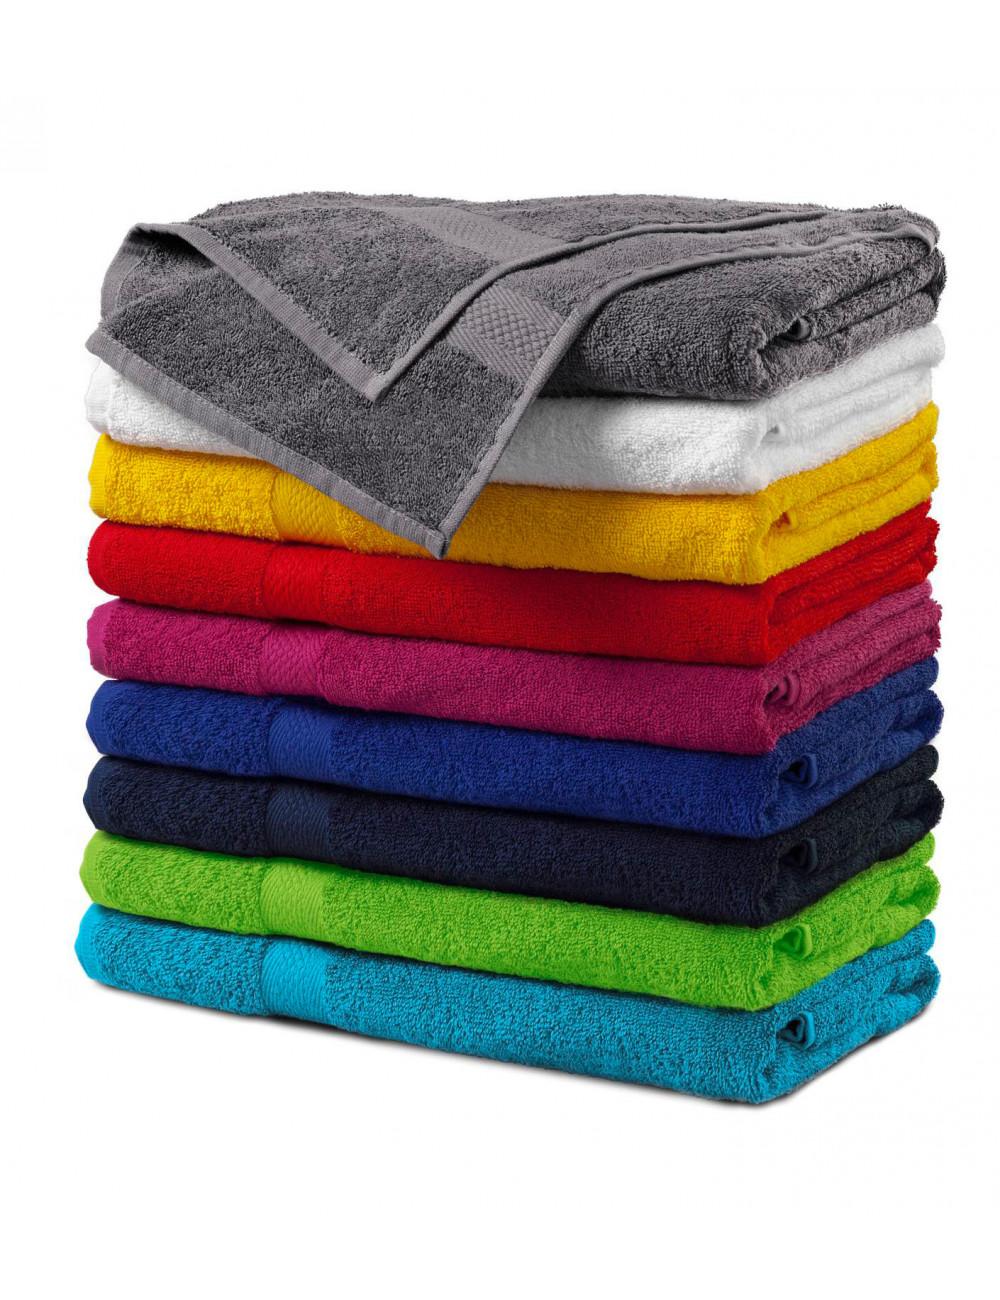 Adler MALFINI Ręcznik duży unisex Terry Bath Towel 905 szaroczarny melanż